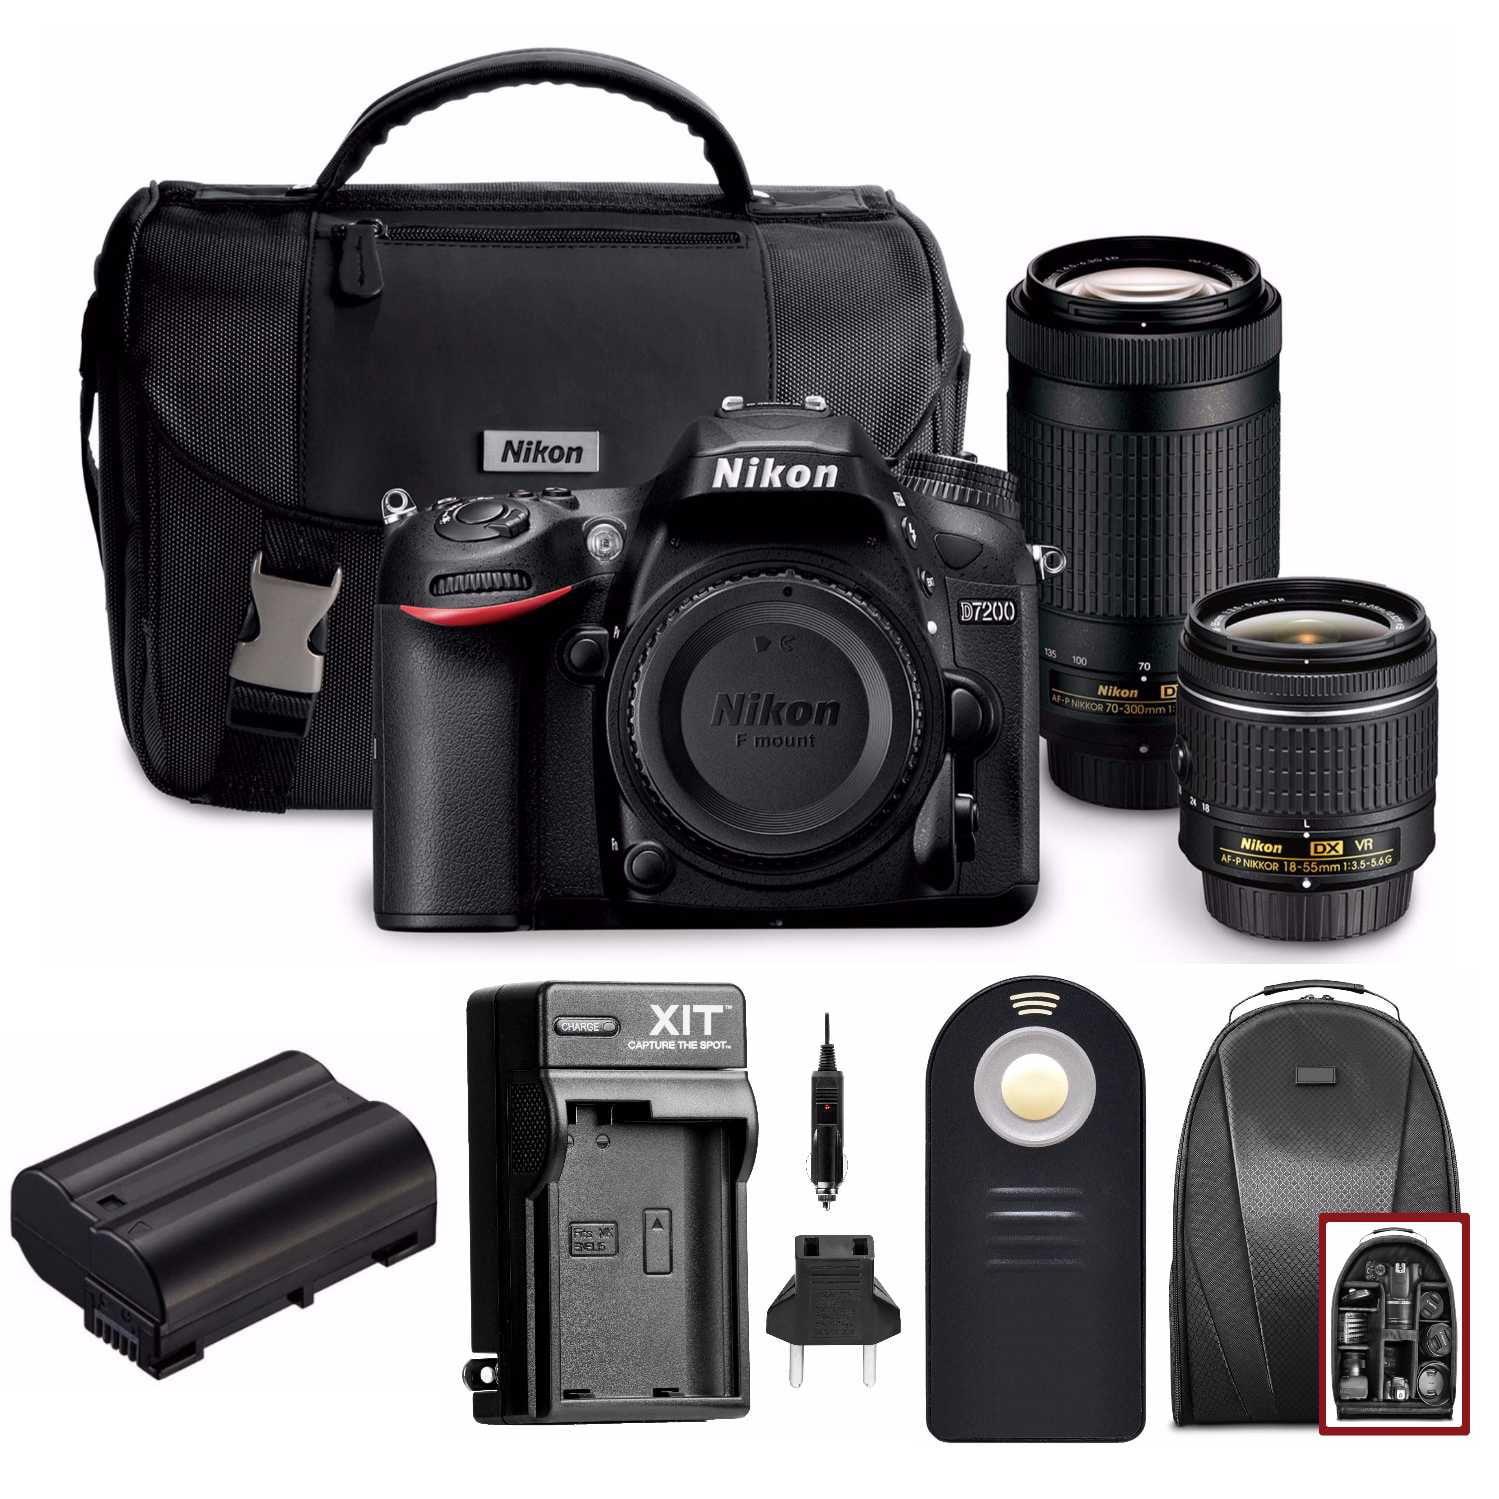 Nikon D7200 DSLR Camera with 18-55mm and 70-300mm Dual Lenses + Holiday Bundle - Walmart.com - Walmart.com